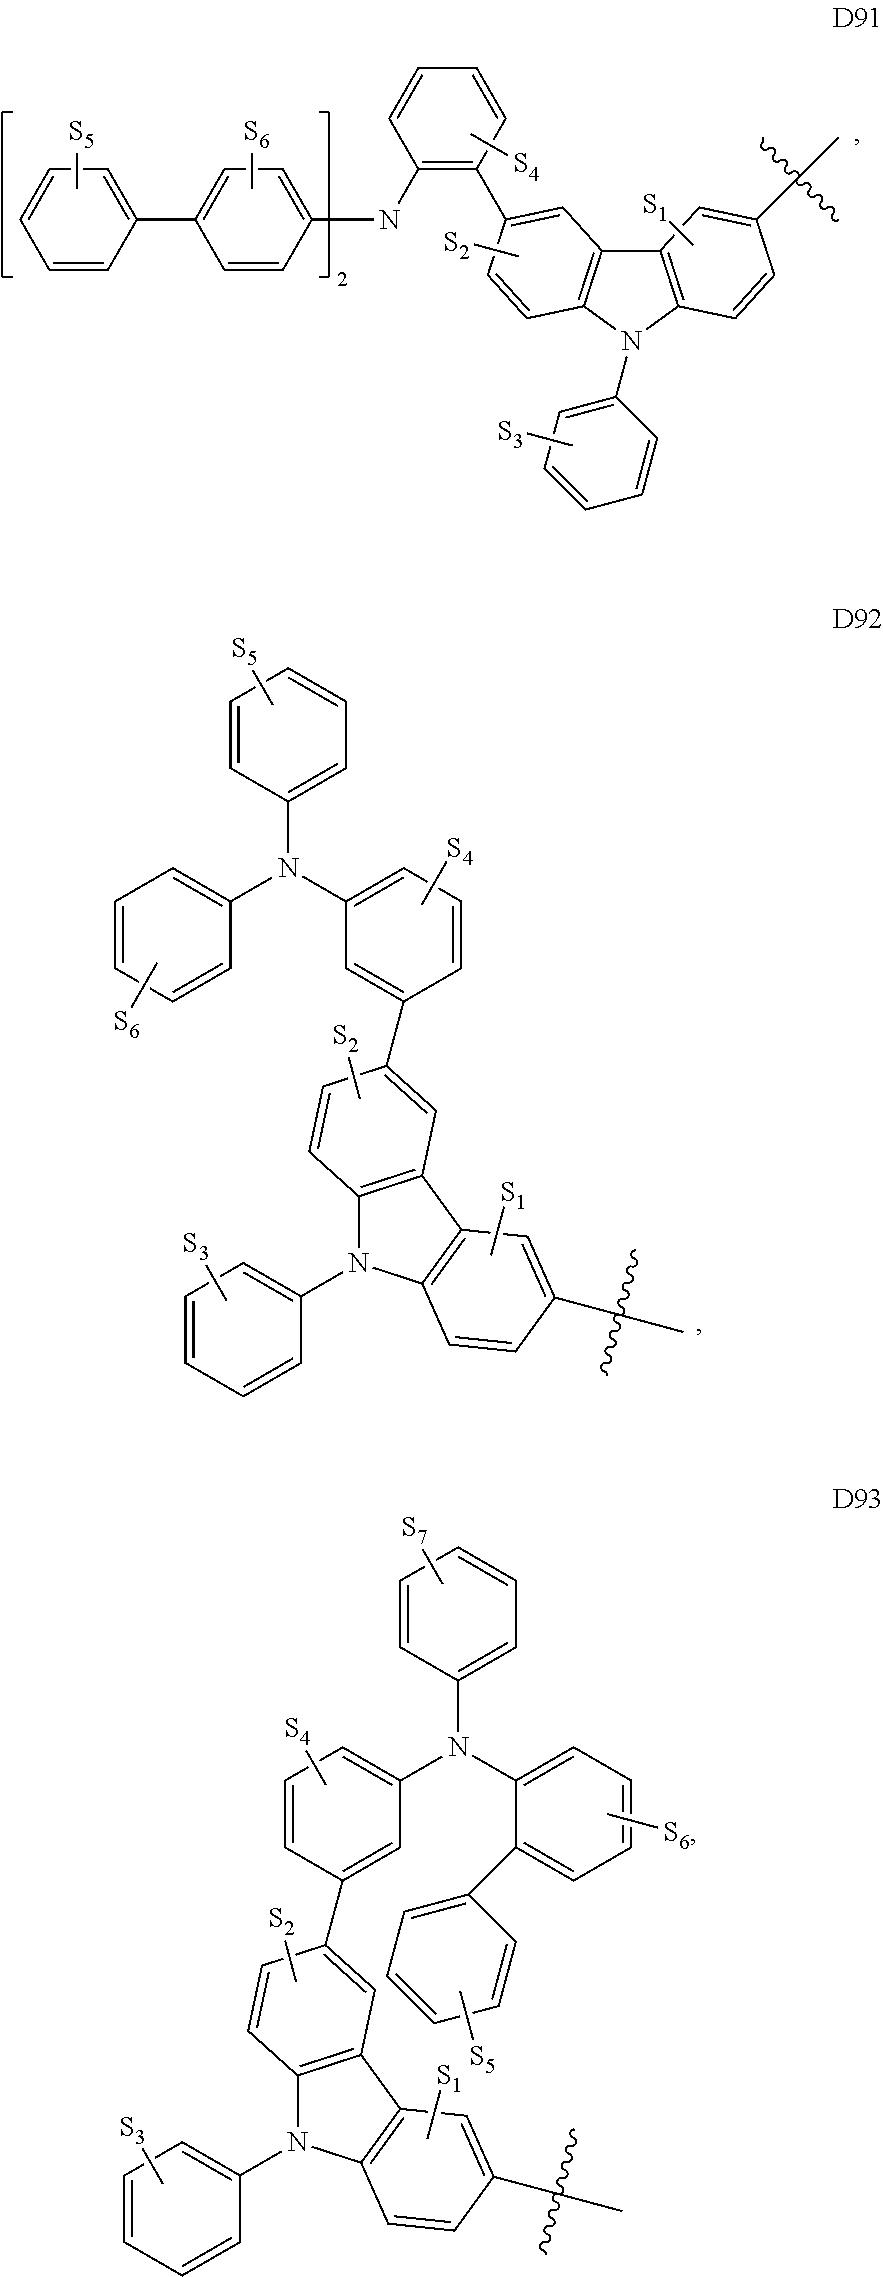 Figure US09537106-20170103-C00037